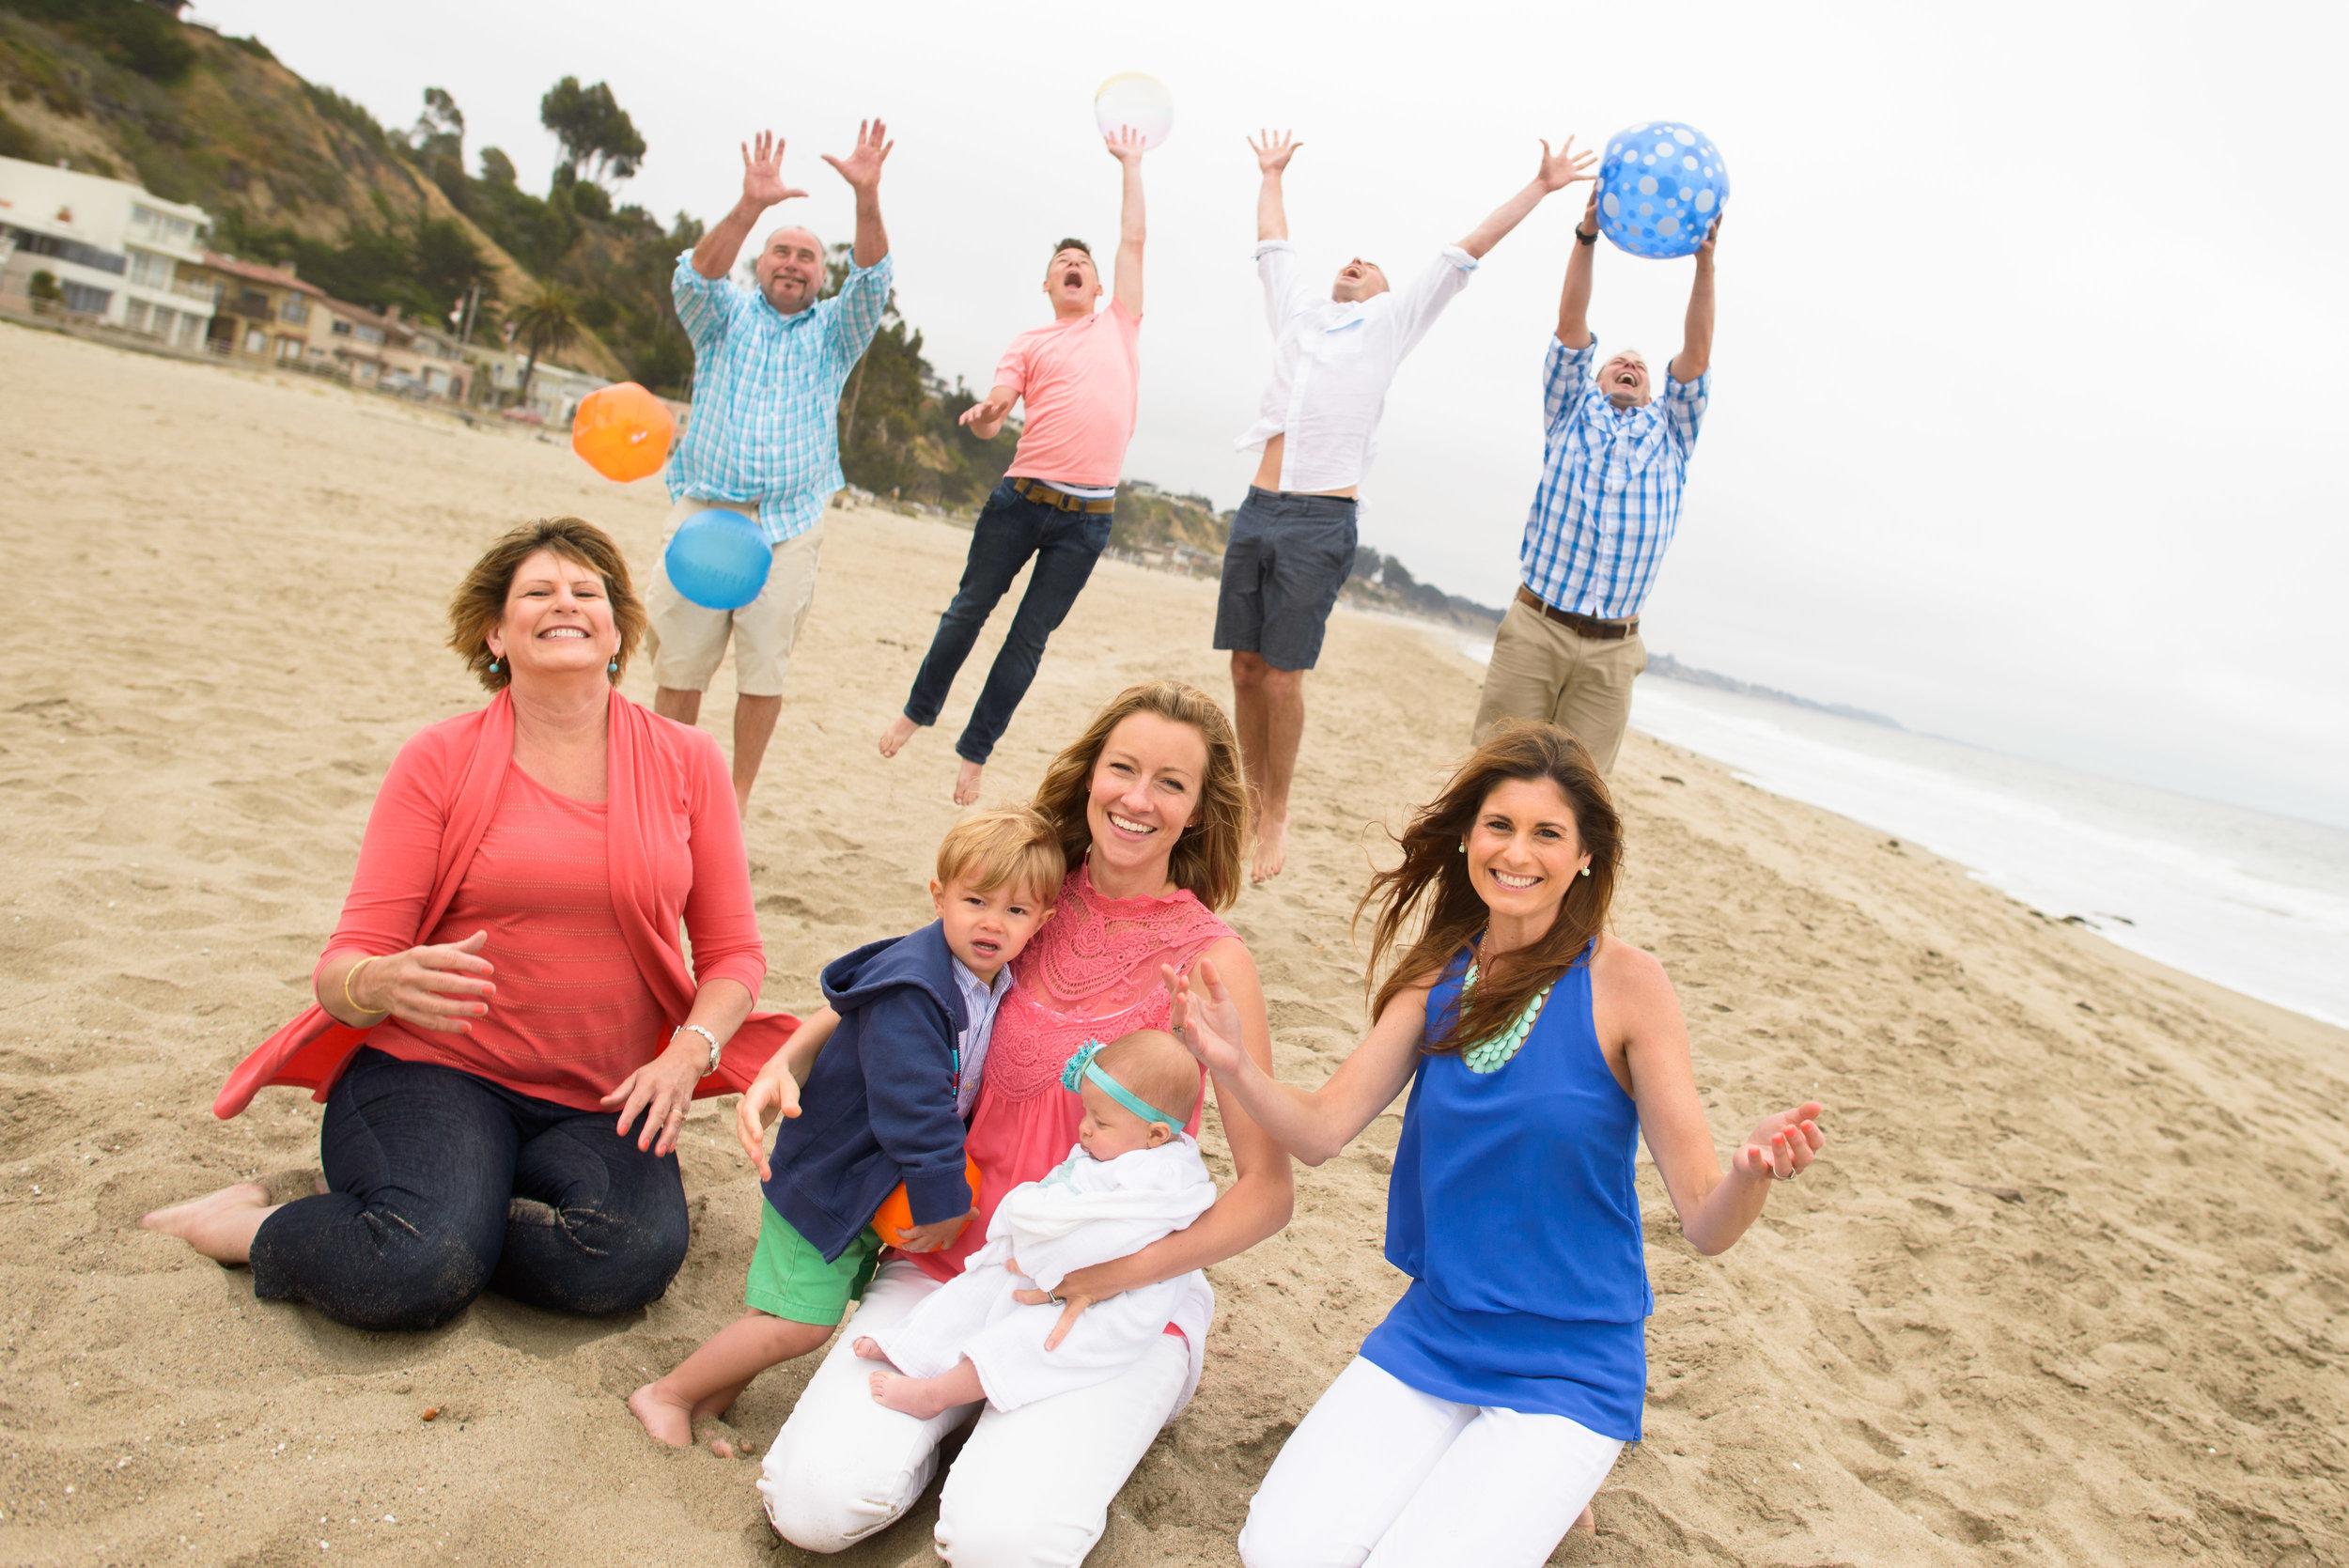 1656_d800a_Andrina_P_Rio_Del_Mar_Beach_Aptos_Family_Photography.jpg